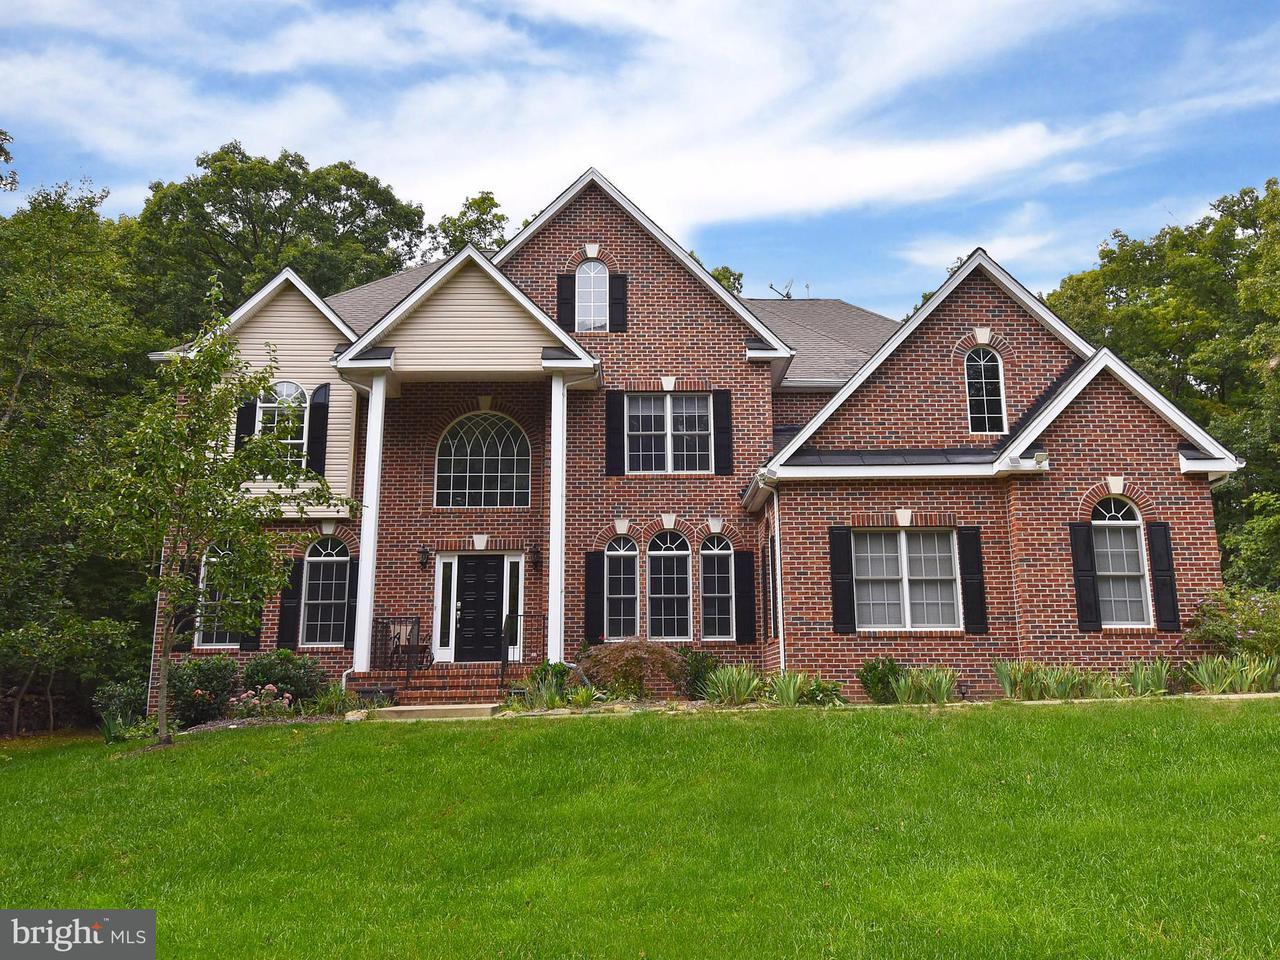 独户住宅 为 销售 在 13012 Thornton Drive 13012 Thornton Drive Catharpin, 弗吉尼亚州 20143 美国